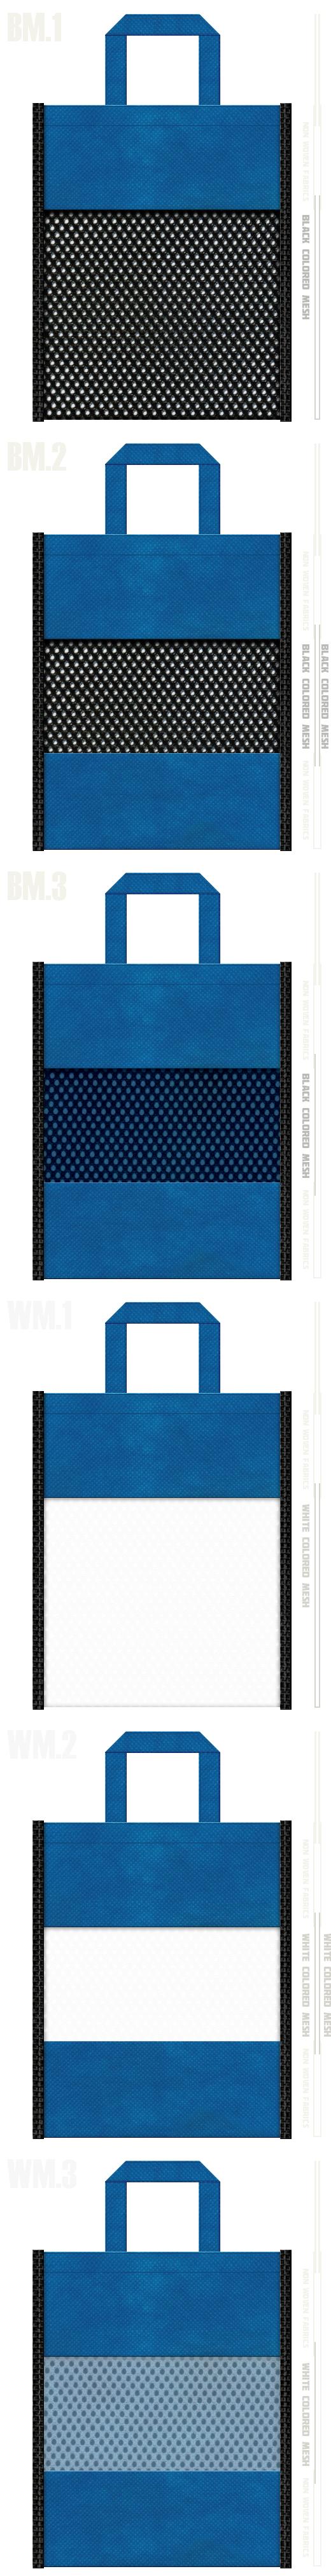 フラットタイプのメッシュバッグのカラーシミュレーション:黒色・白色メッシュと青色不織布の組み合わせ